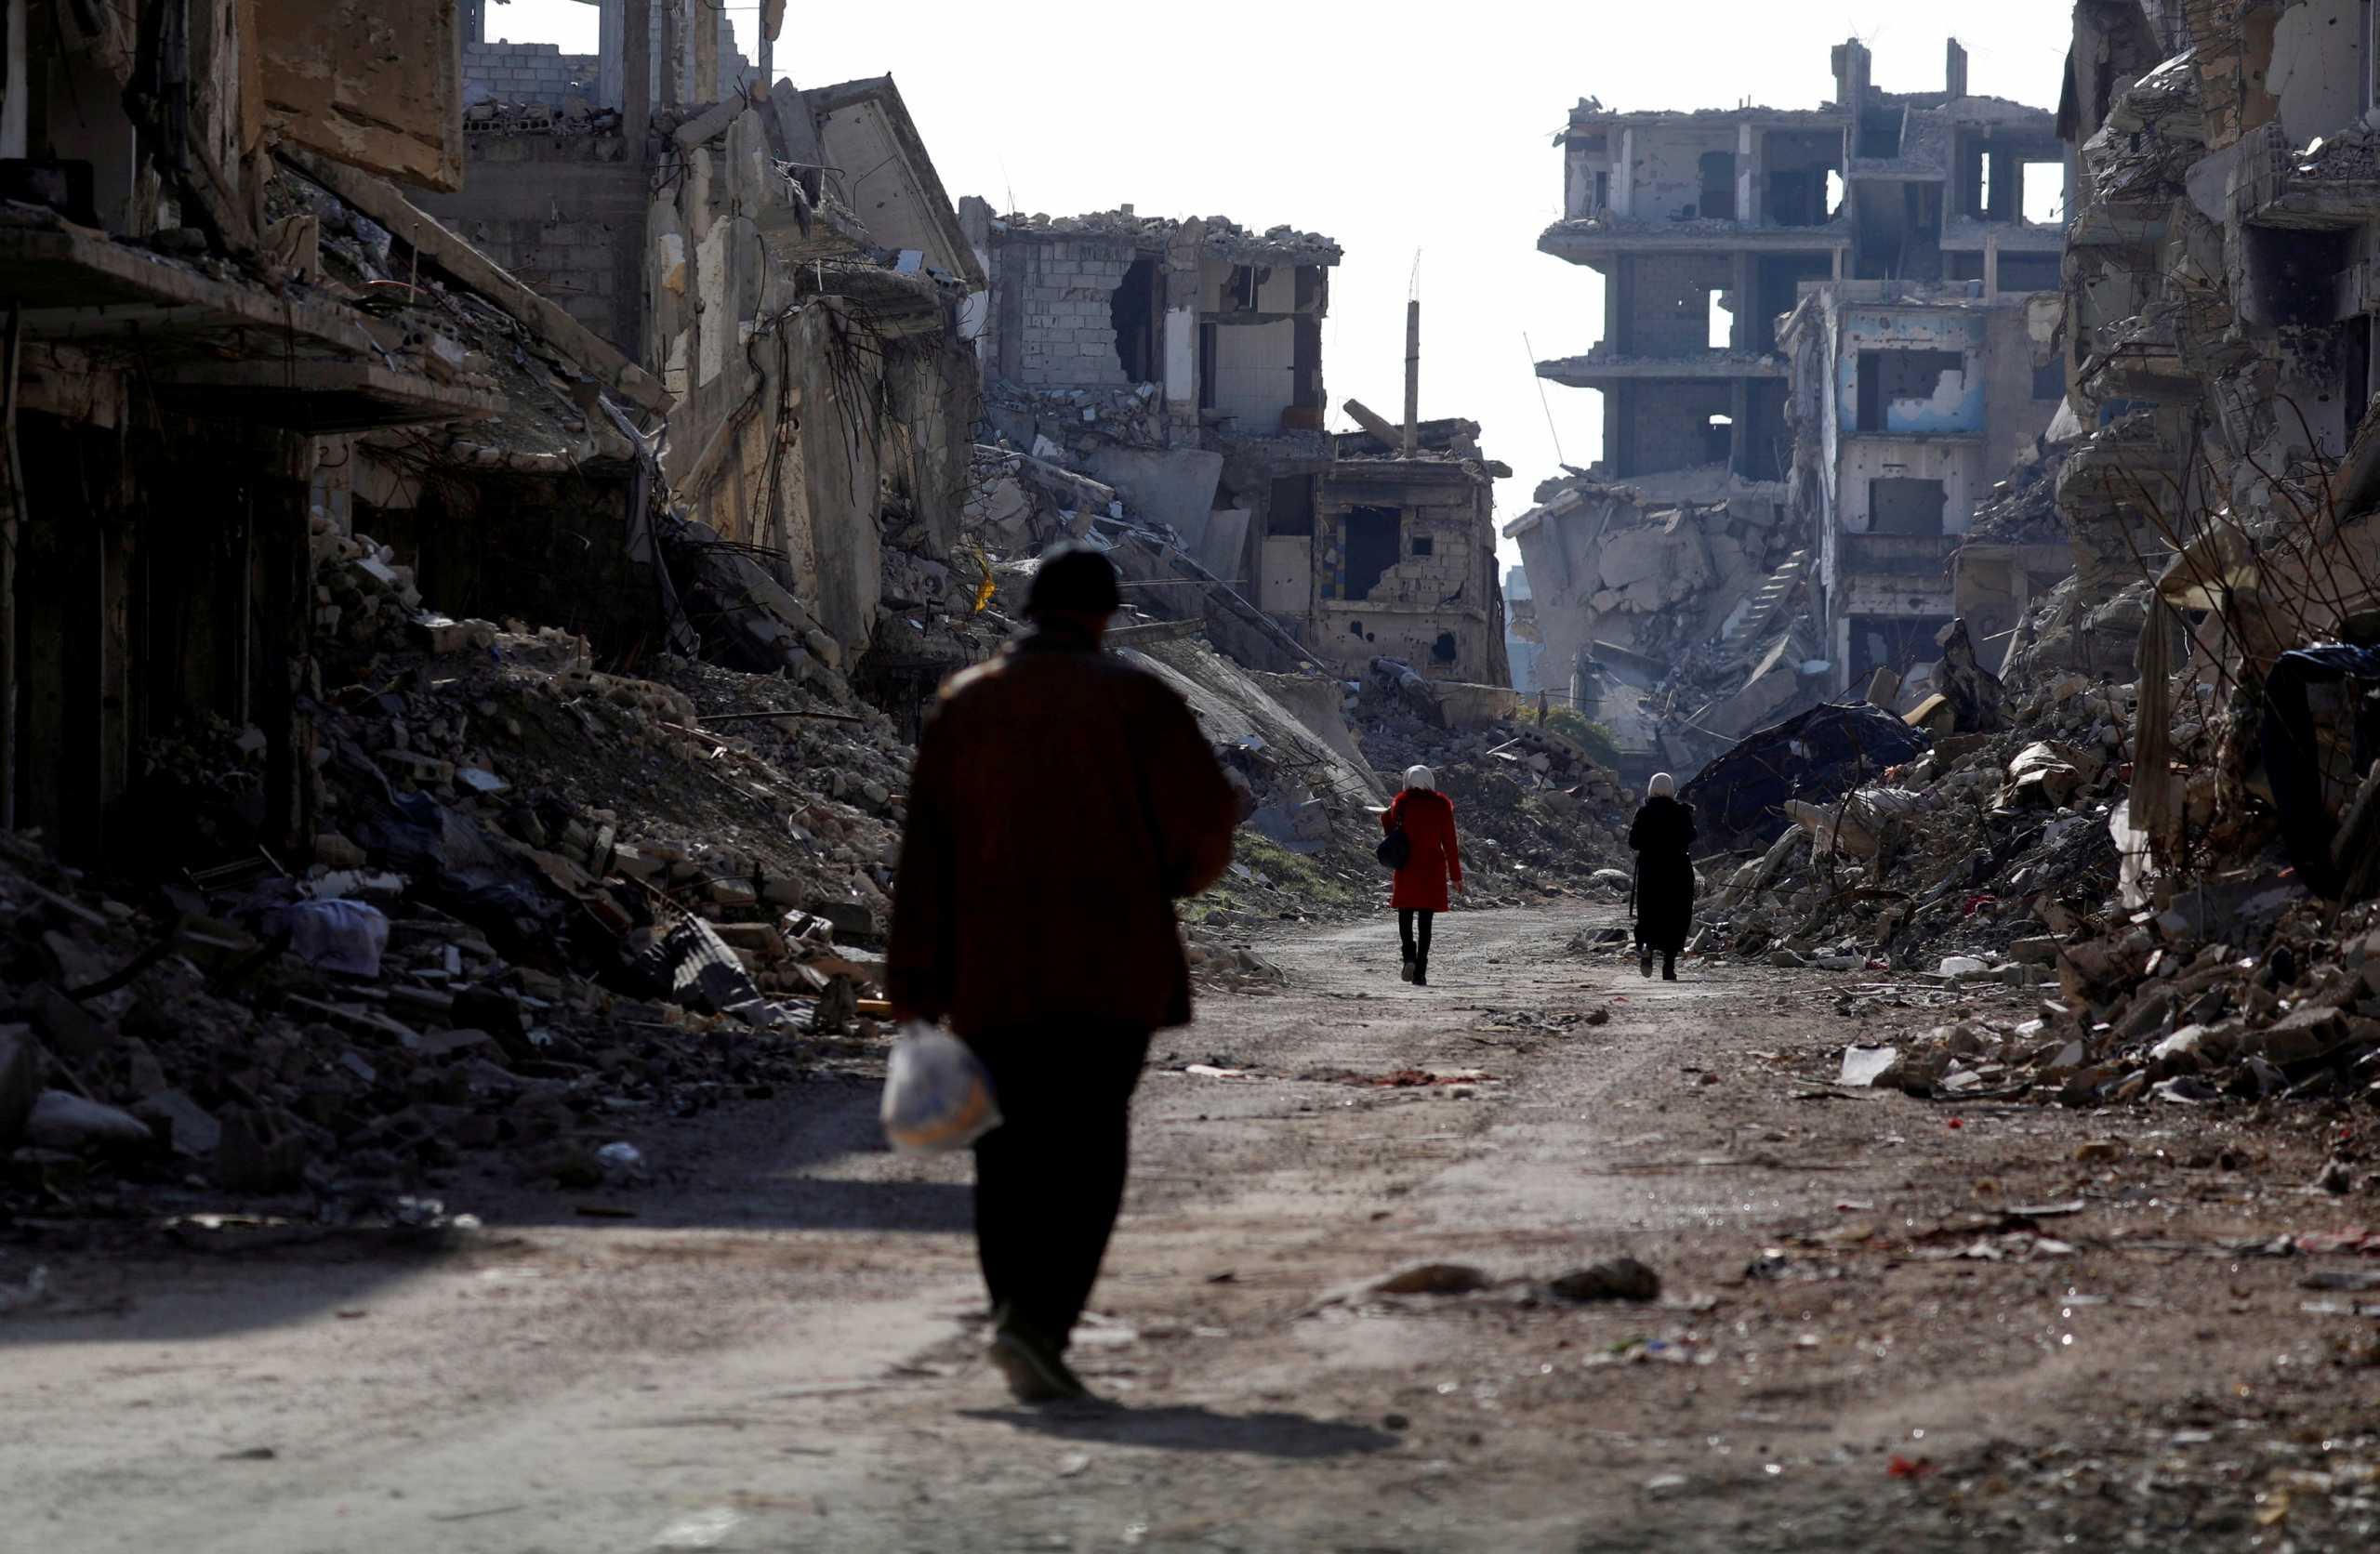 Η Γερμανία θα ξεκινήσει και πάλι τις απελάσεις προς τη Συρία